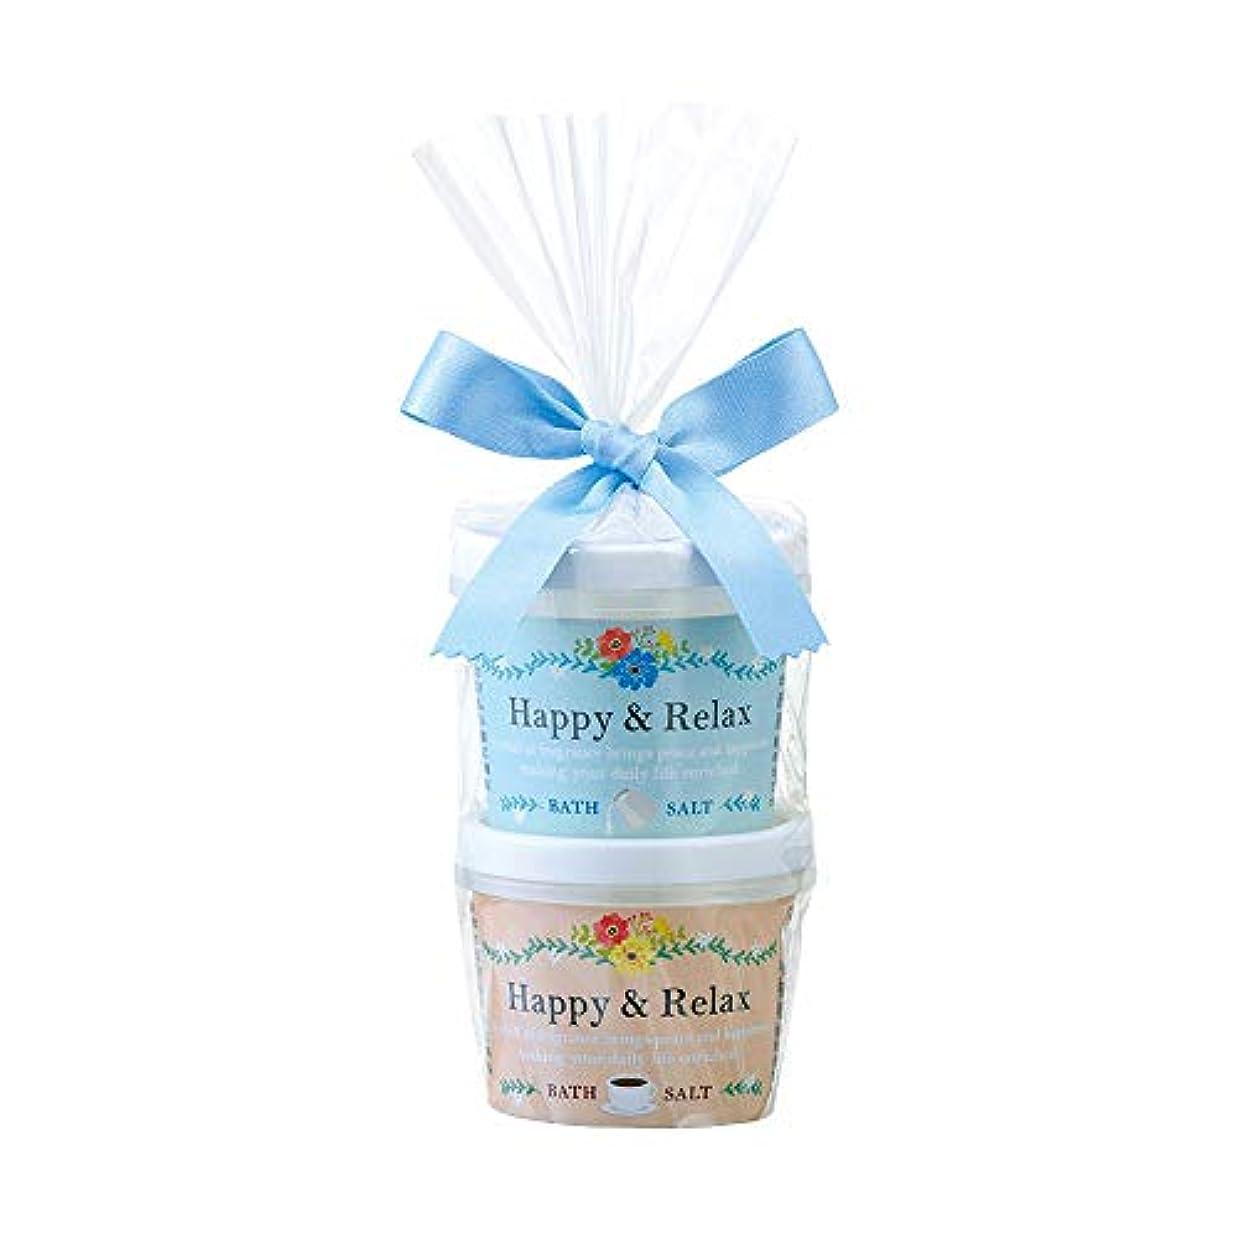 捧げる吸い込むジーピークリエイツ バスプリエ 入浴剤 ミルク & エスプレッソ 40g×2個